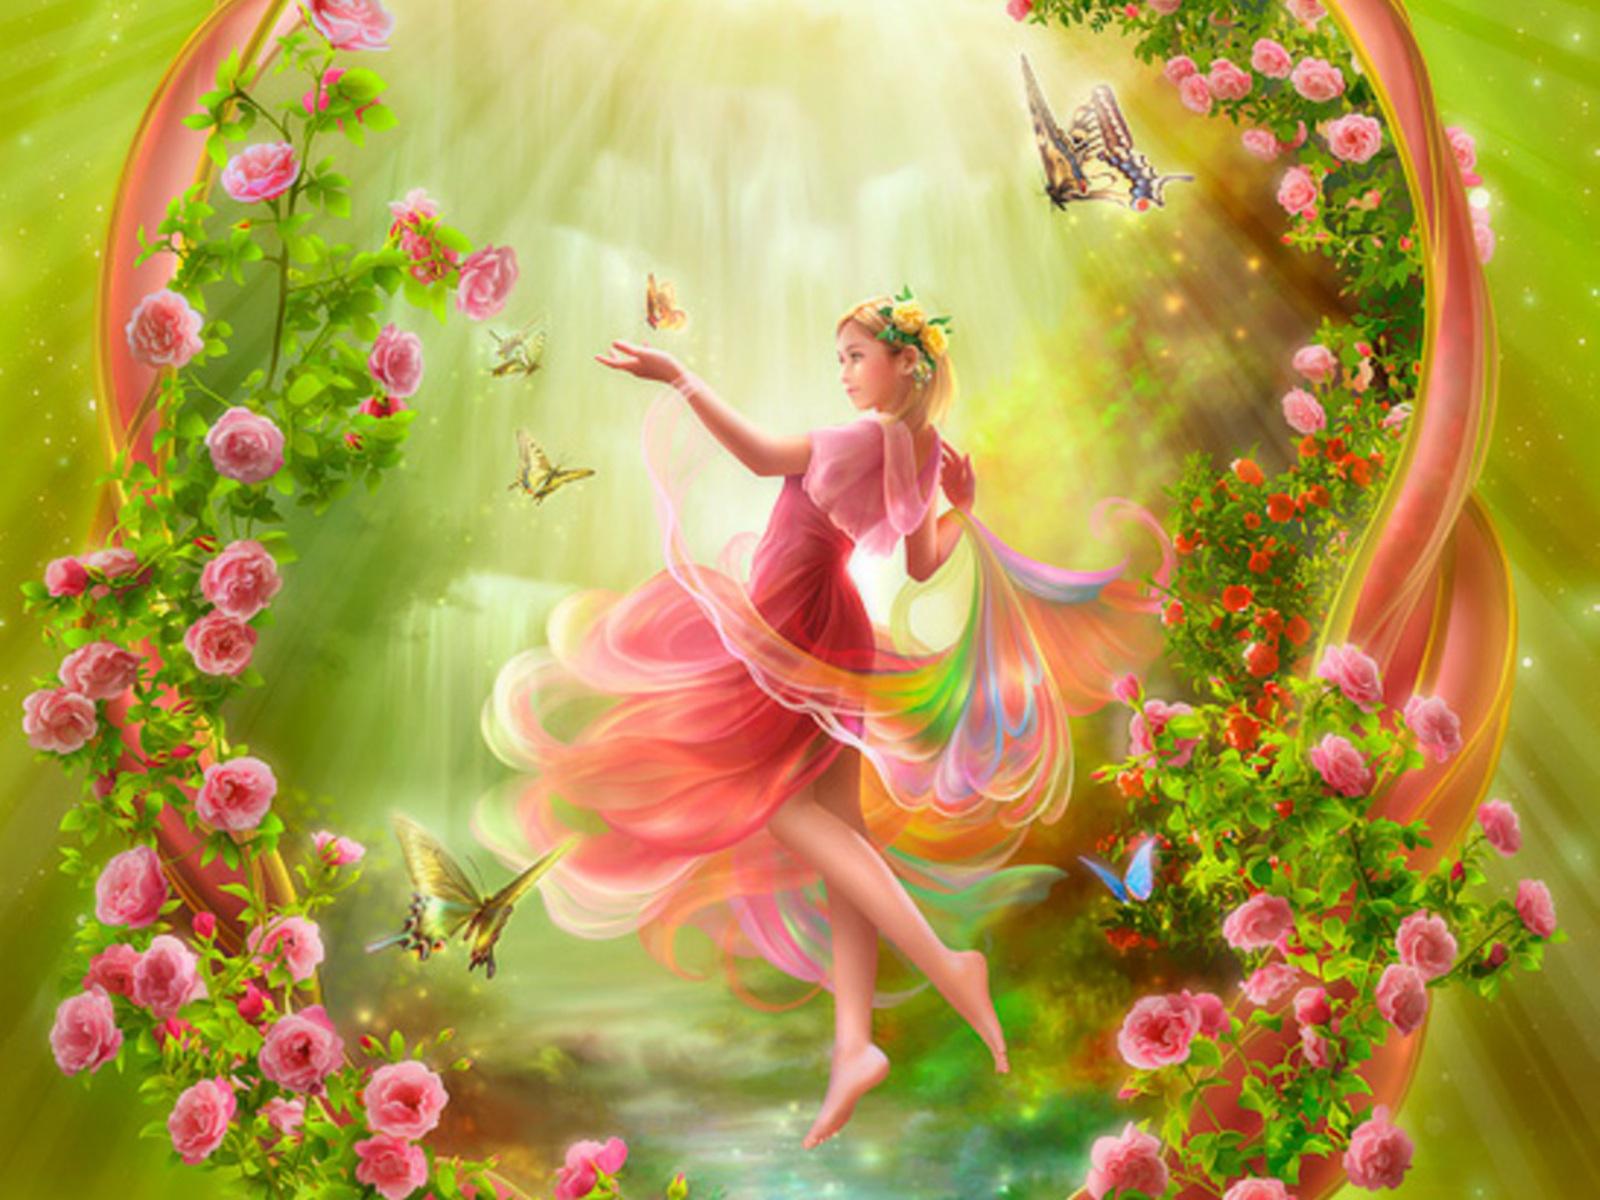 Fairy Garden Wallpaper Www Pixshark Com Images